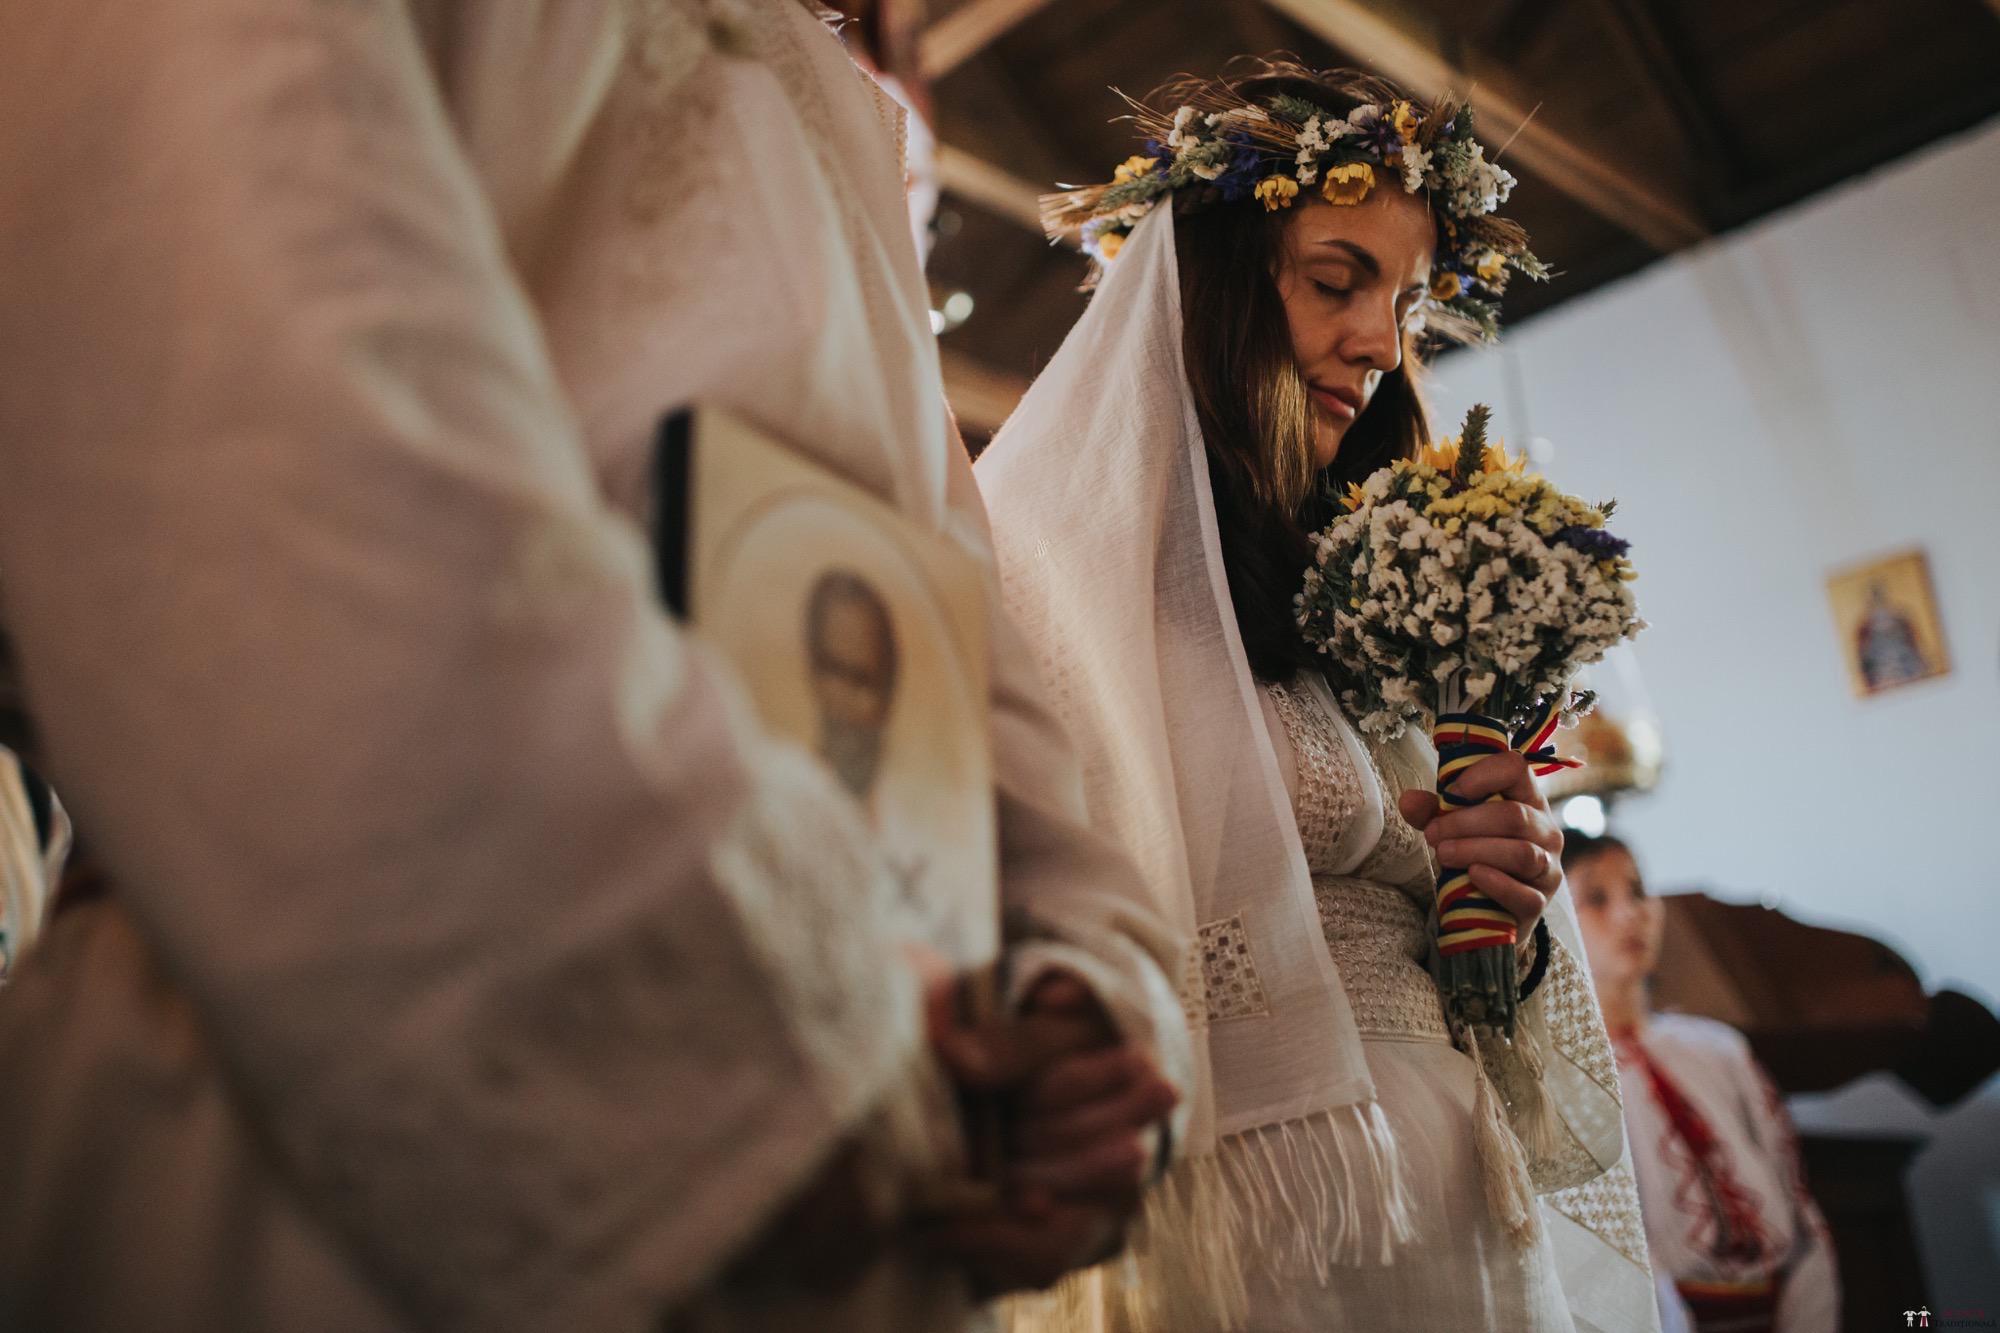 Povești Nunți Tradiționale - Gabriela și Iulian. Nuntă românească în Belgia. 33